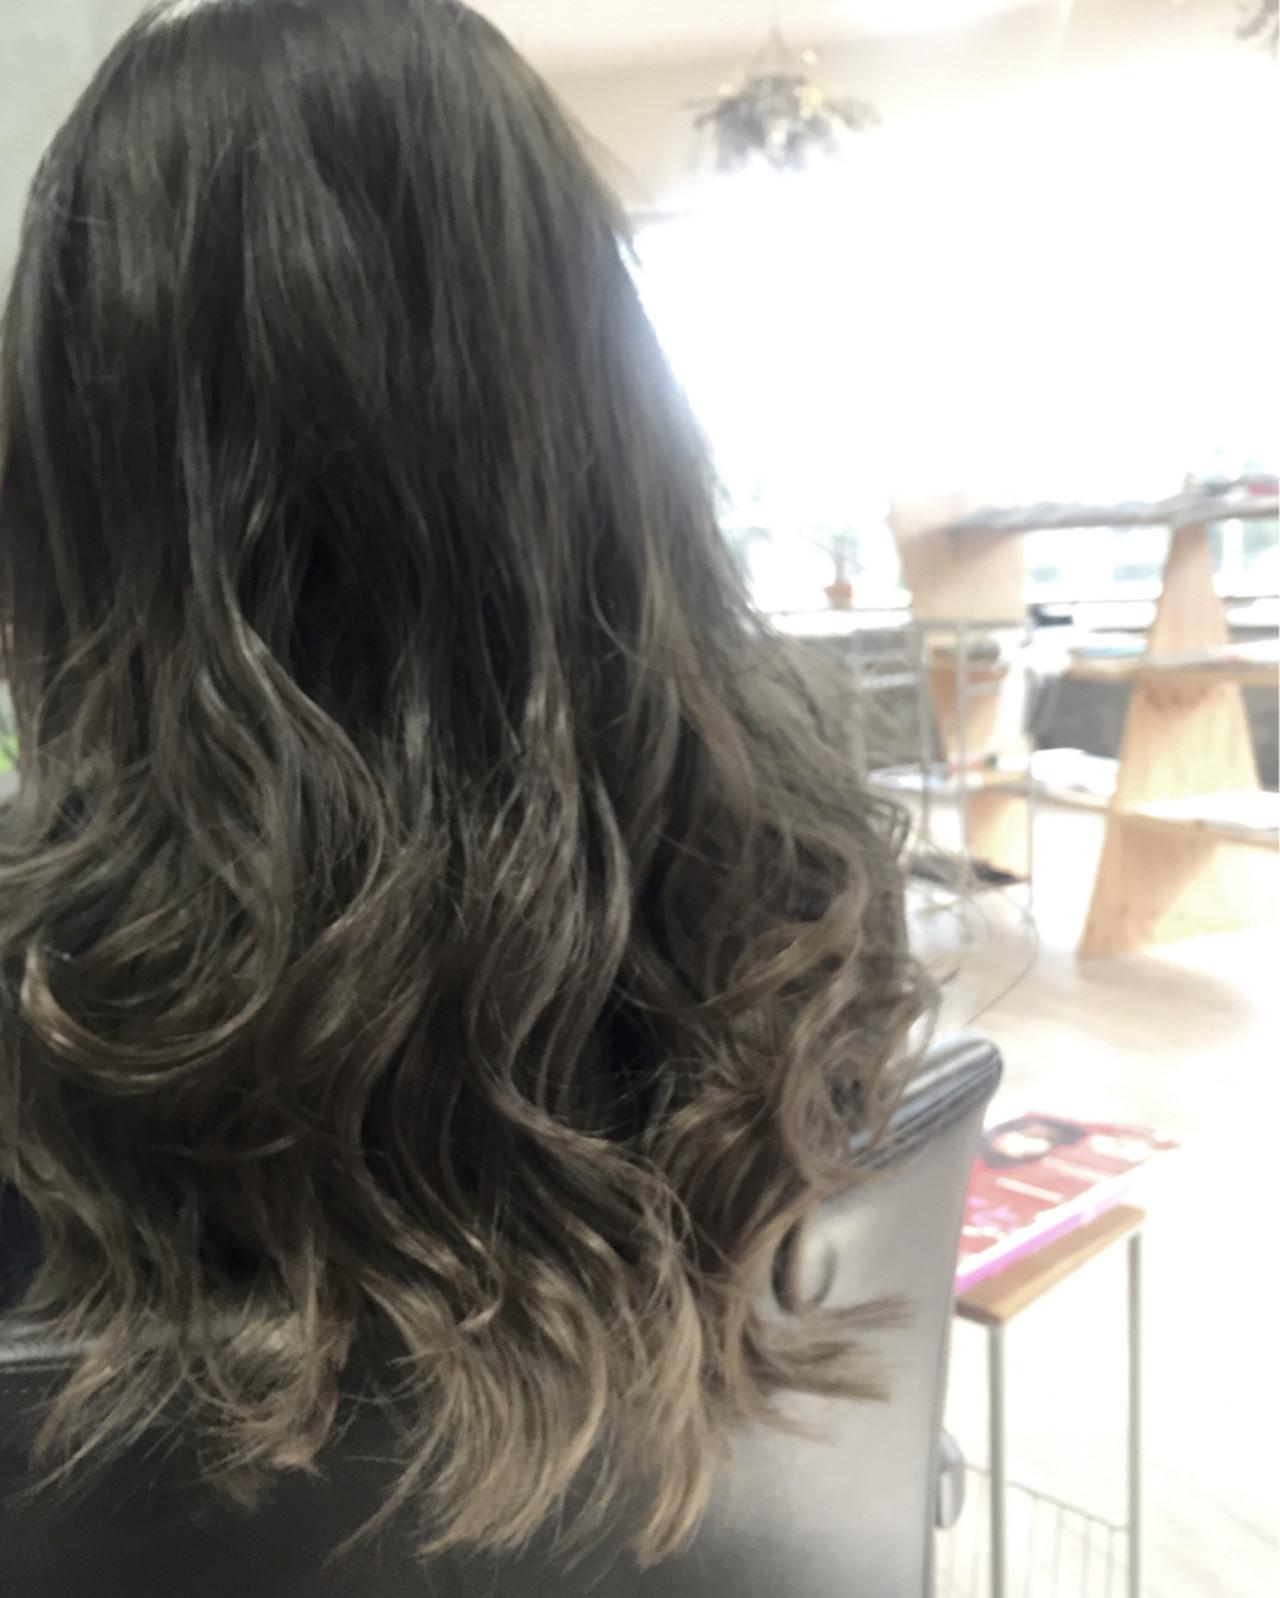 モード ブルージュ ロング グラデーションカラー ヘアスタイルや髪型の写真・画像 | 水江公一 / IRODORI hair design